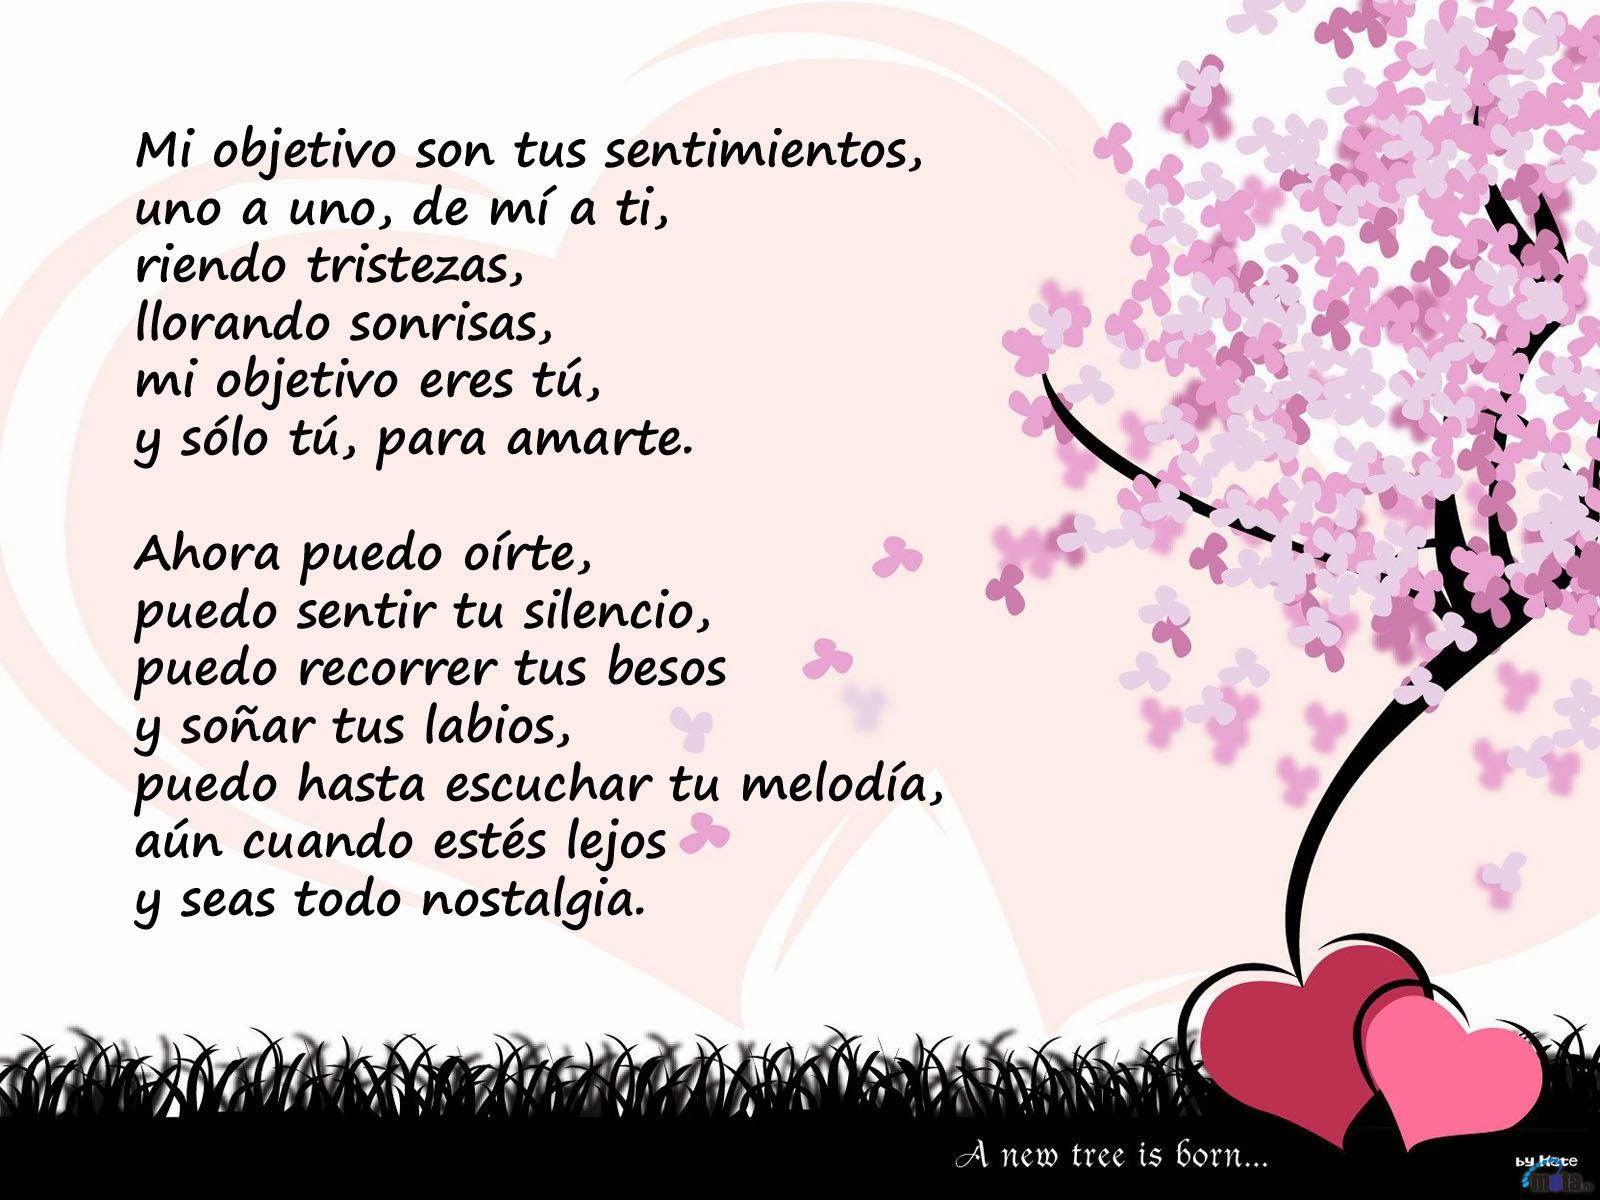 Imagenes De Amor Con Poemas Bonitos - Imagenes bonitas romanticas de amor con frases para